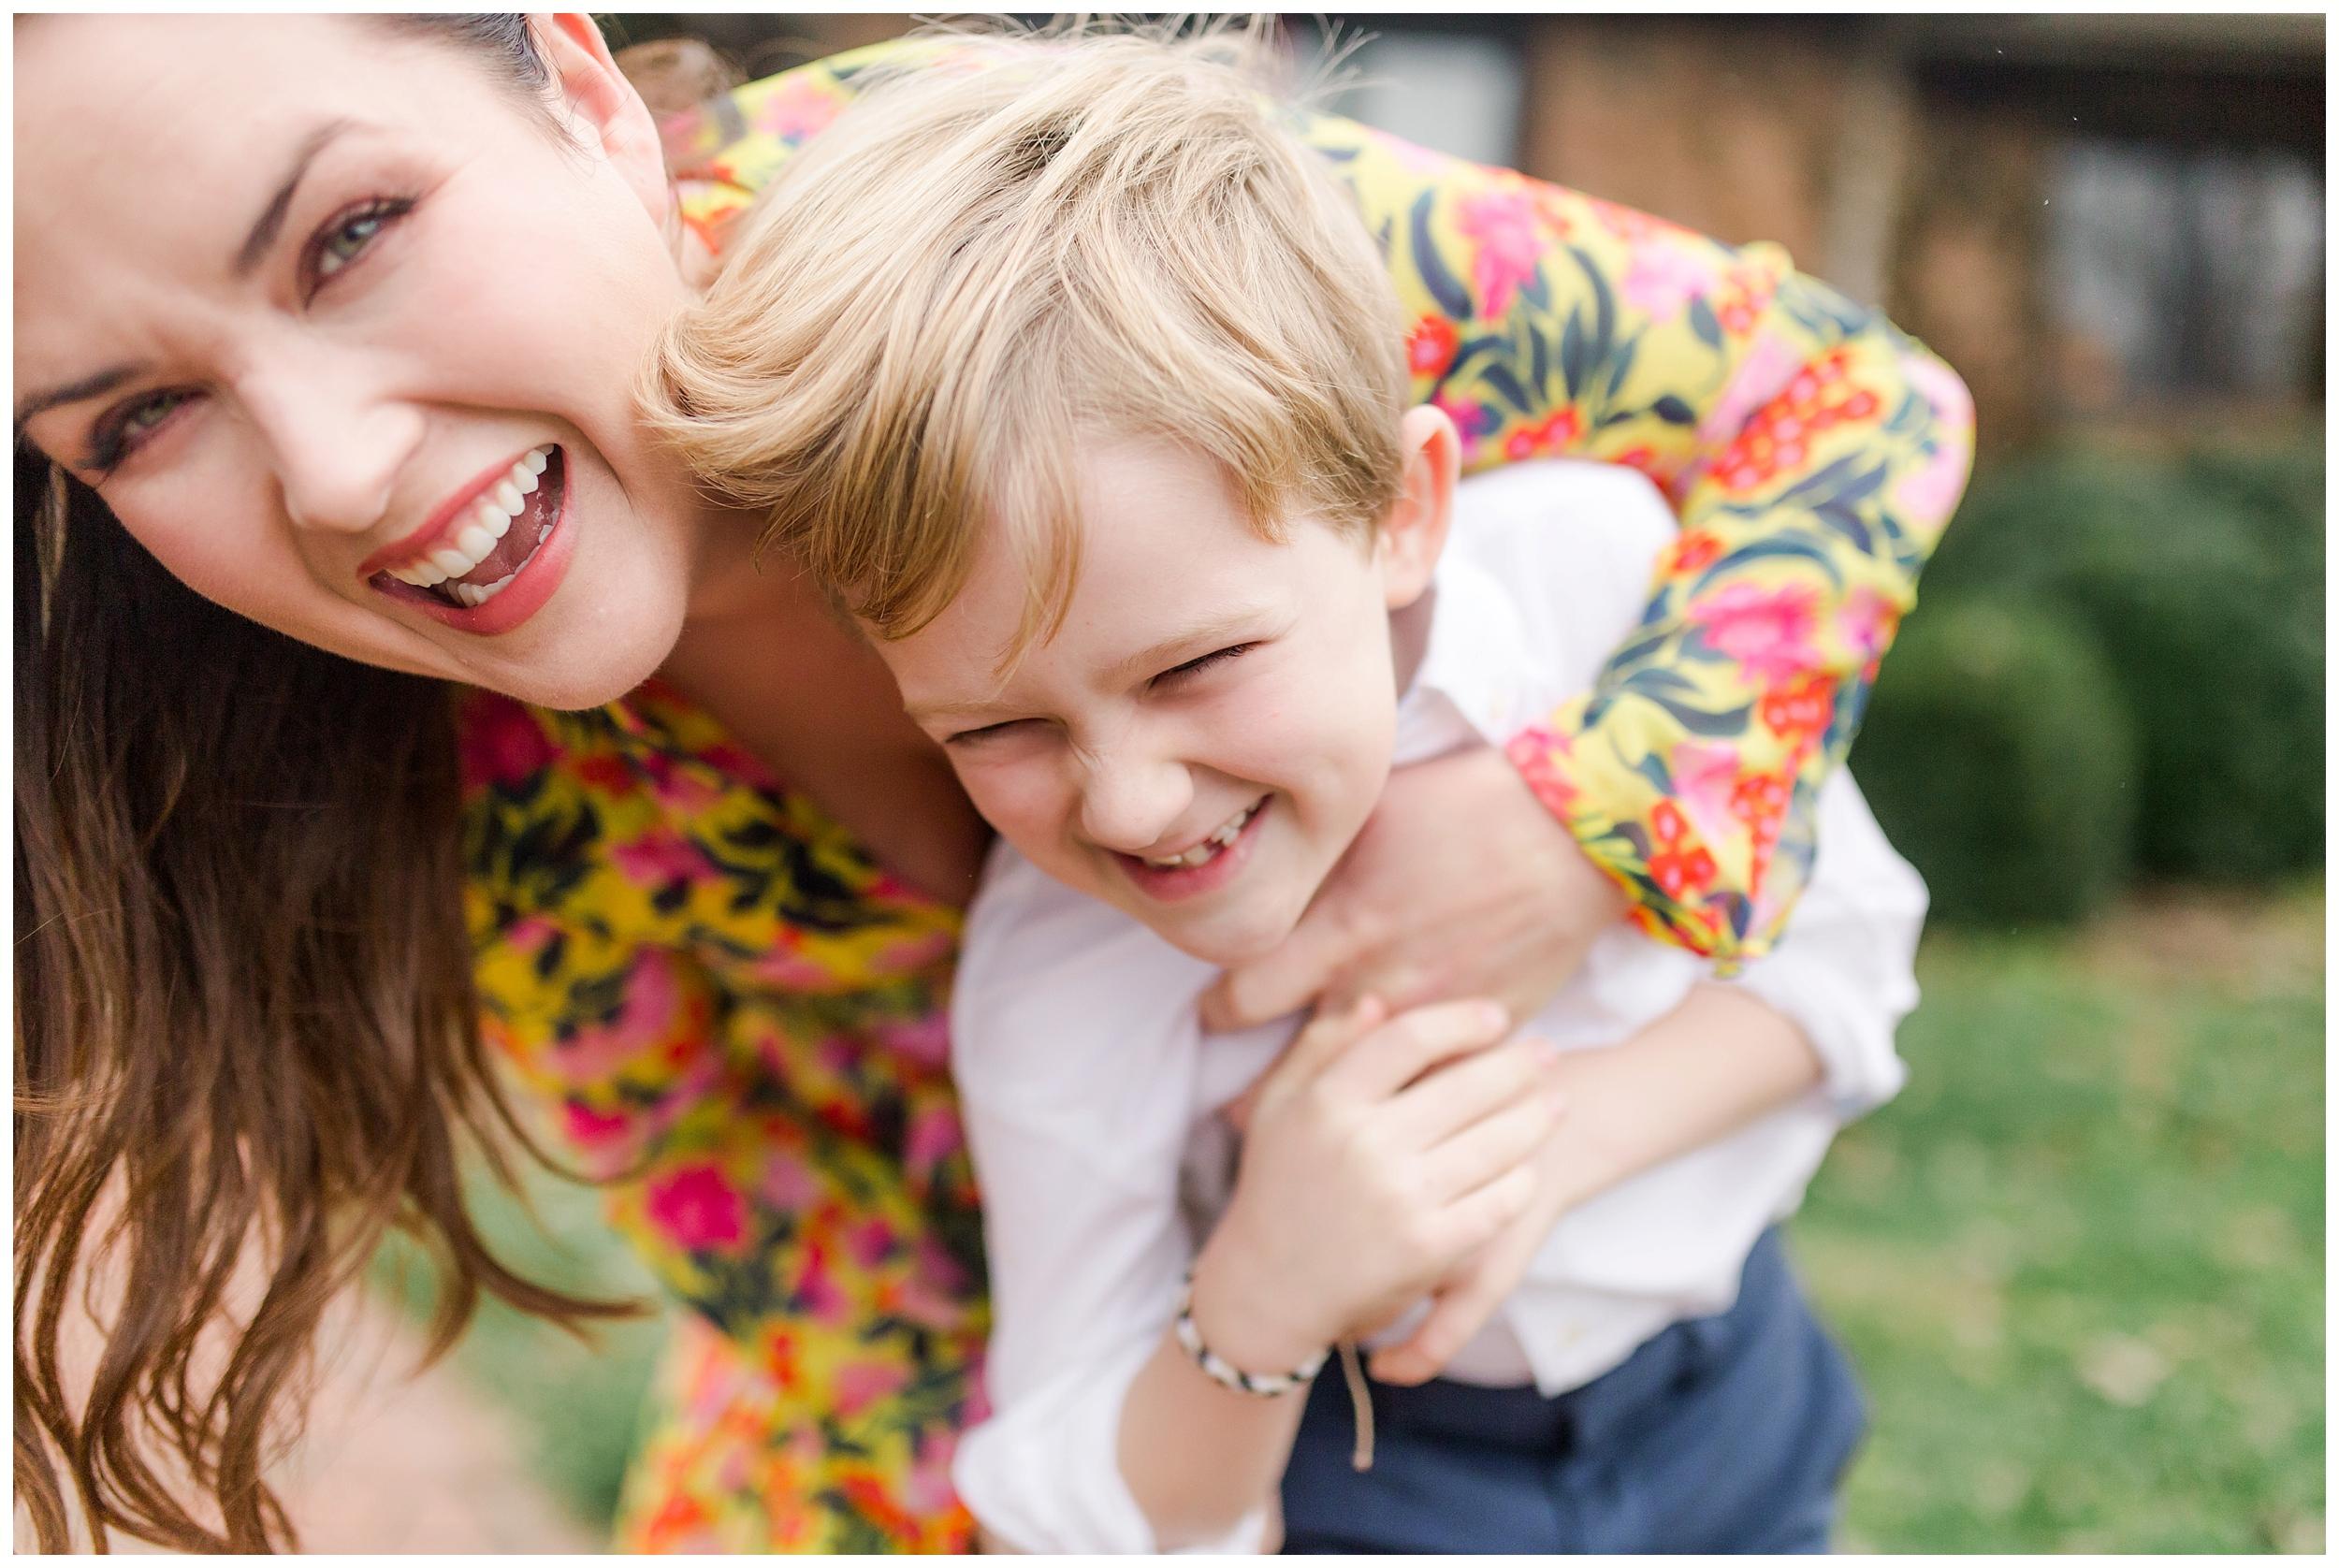 lexington-ky-family-lifestyle-photos-by-priscilla-baierlein_0883.jpg